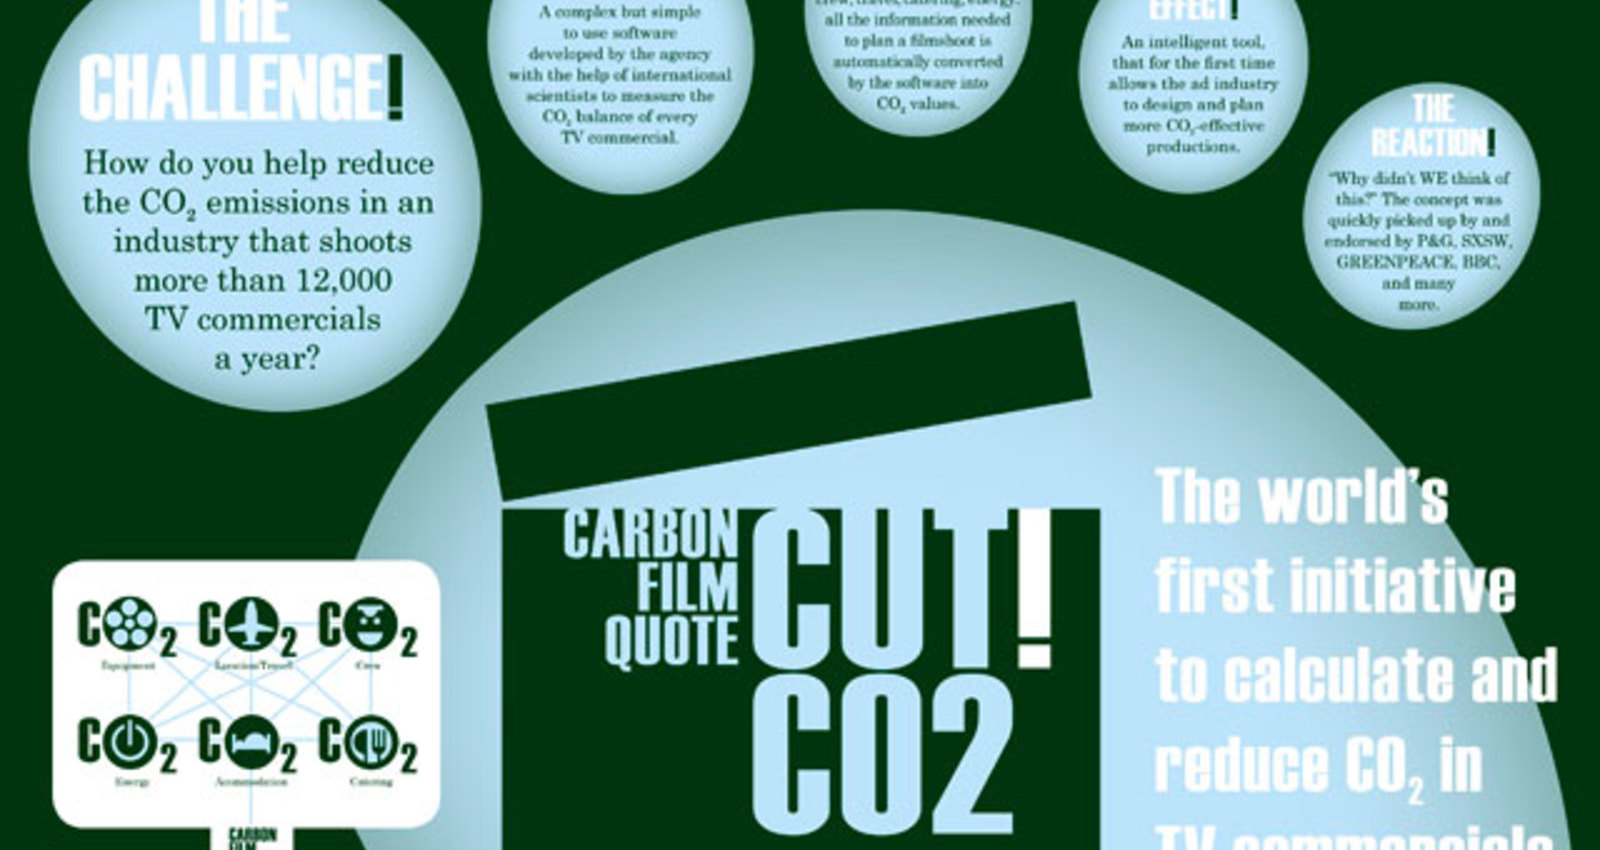 Carbon Film Quote